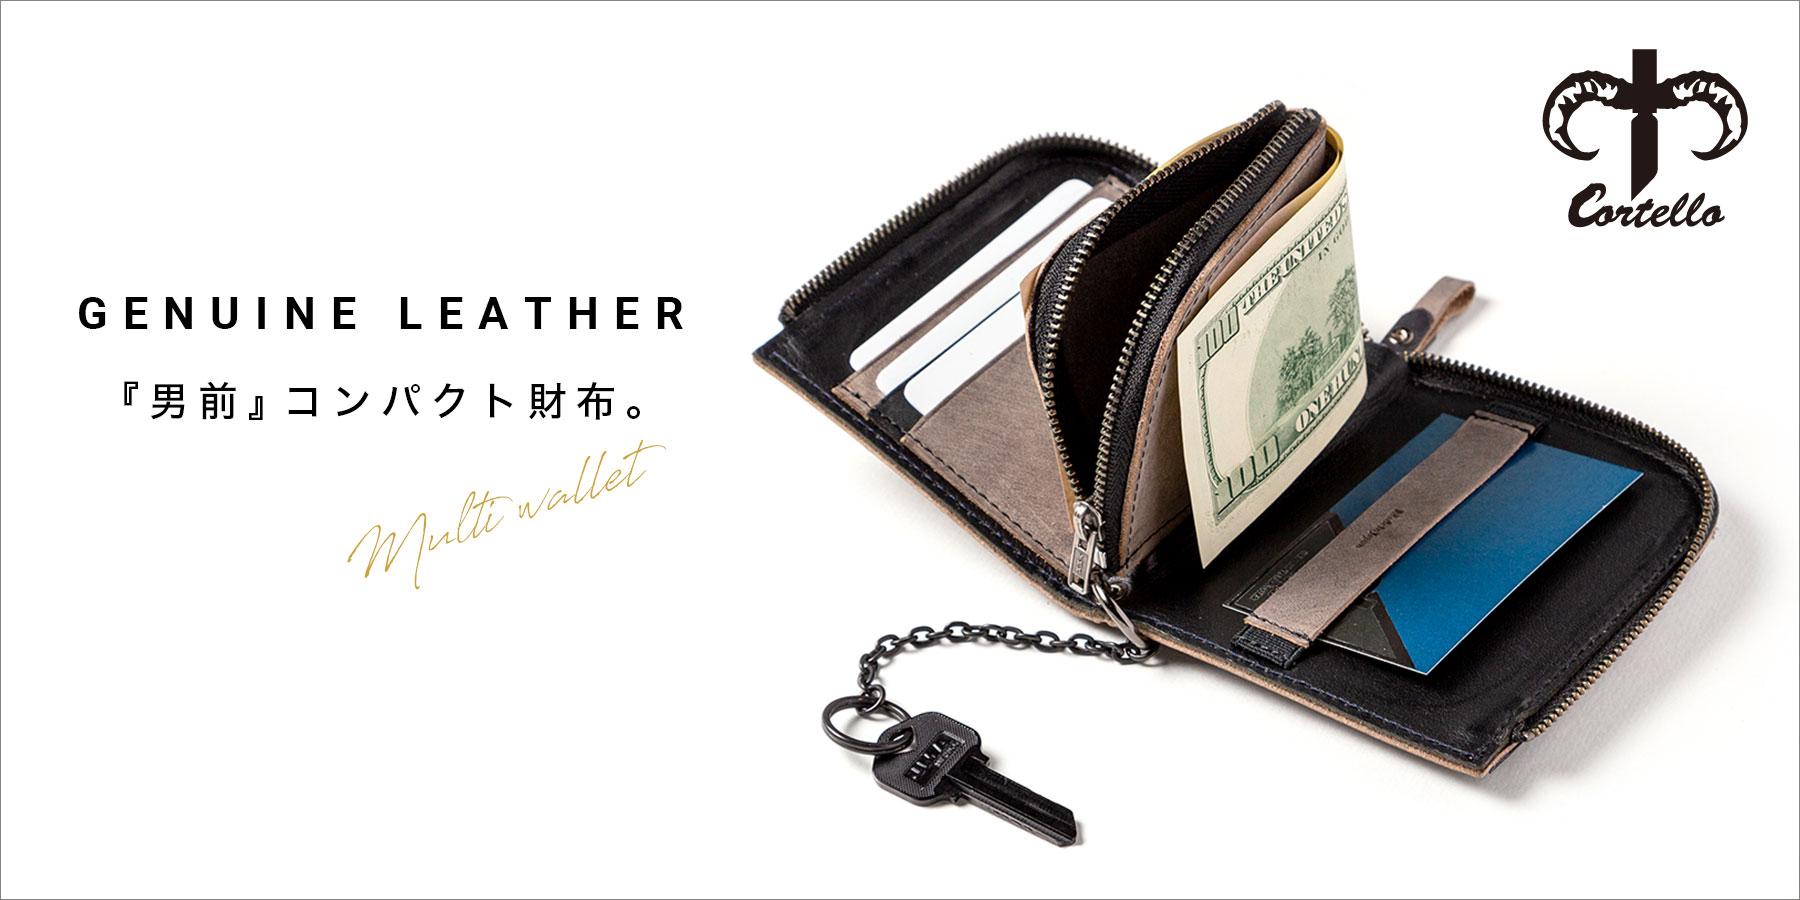 二つ折り財布 L字ファスナー コンパクト 本牛革 レザー 日本製 メンズ コルテロ cortello